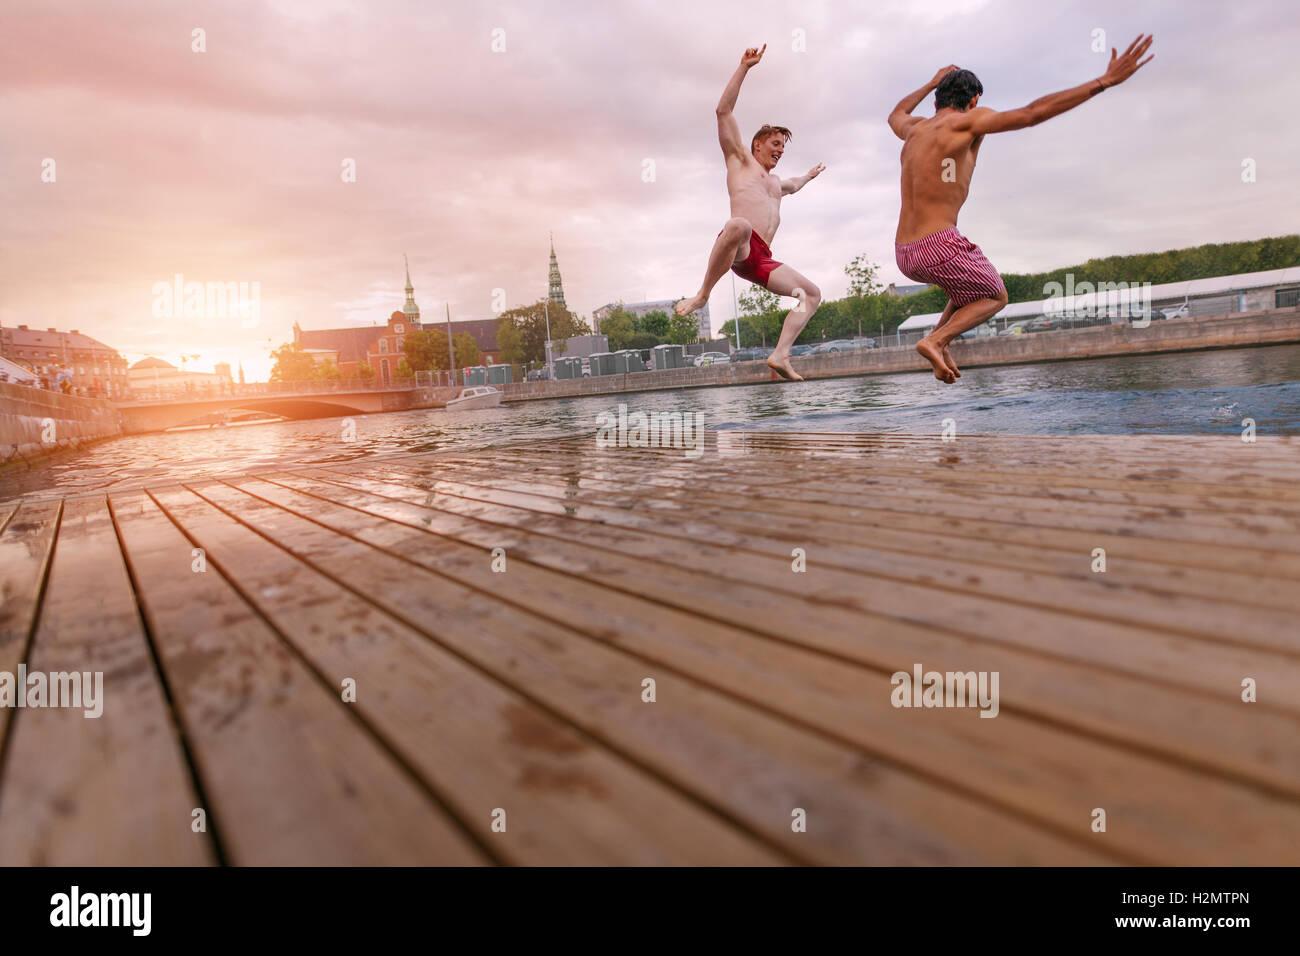 Los jóvenes saltando en el lago en la ciudad. Dos jóvenes amigos, disfrutando de un fin de semana. Imagen De Stock